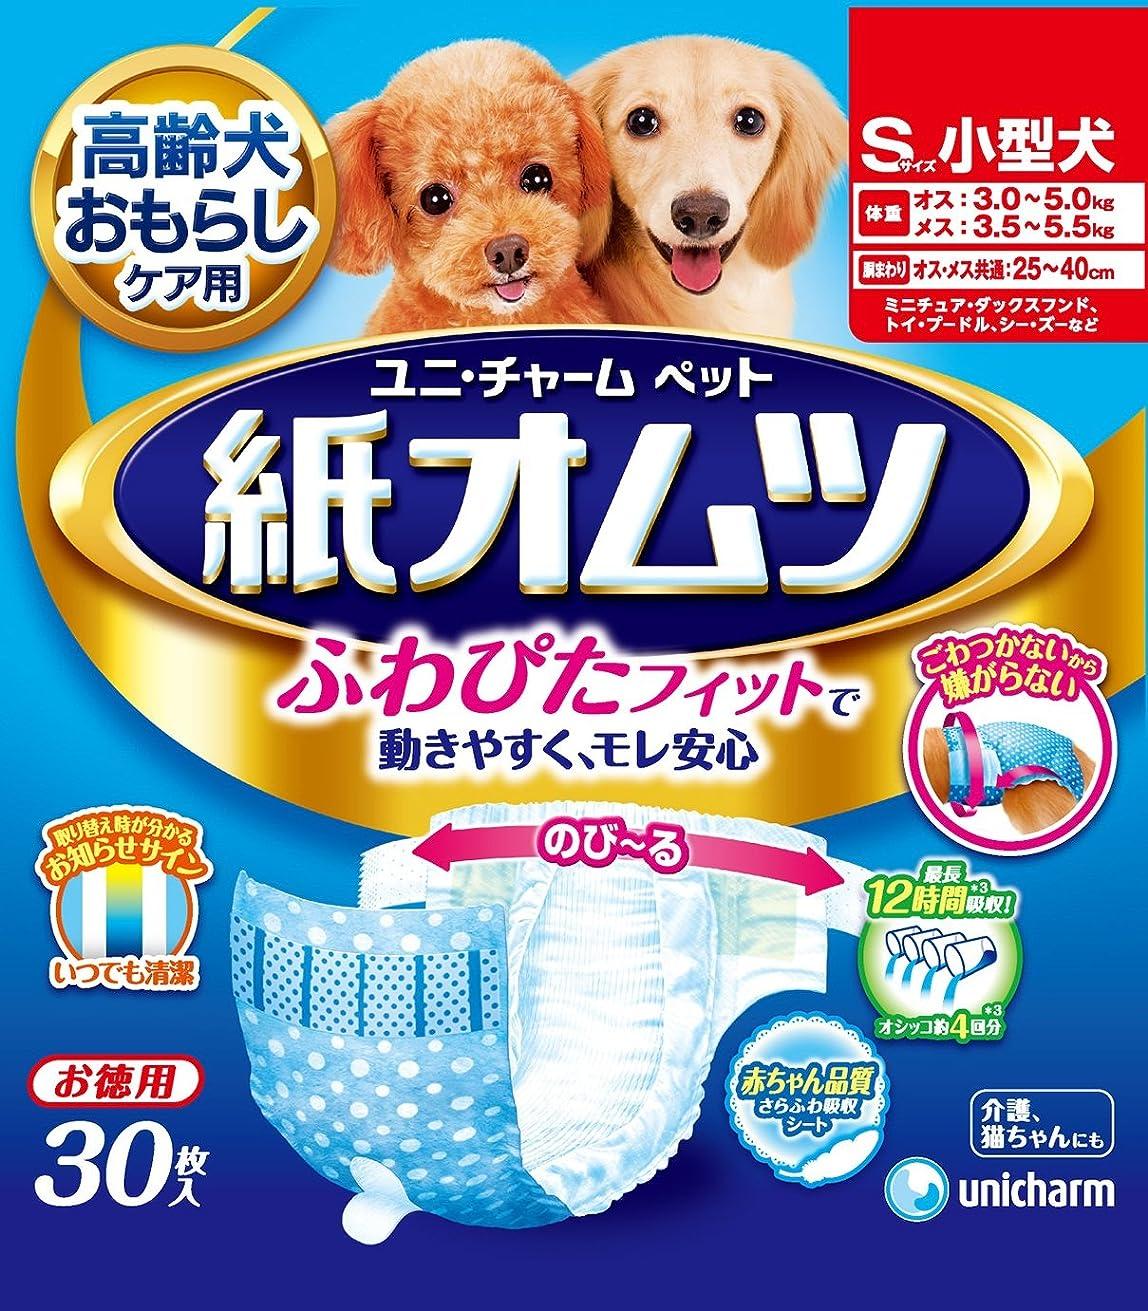 湿地縮れた仲間ペット用紙オムツ Sサイズ 小型犬 30枚